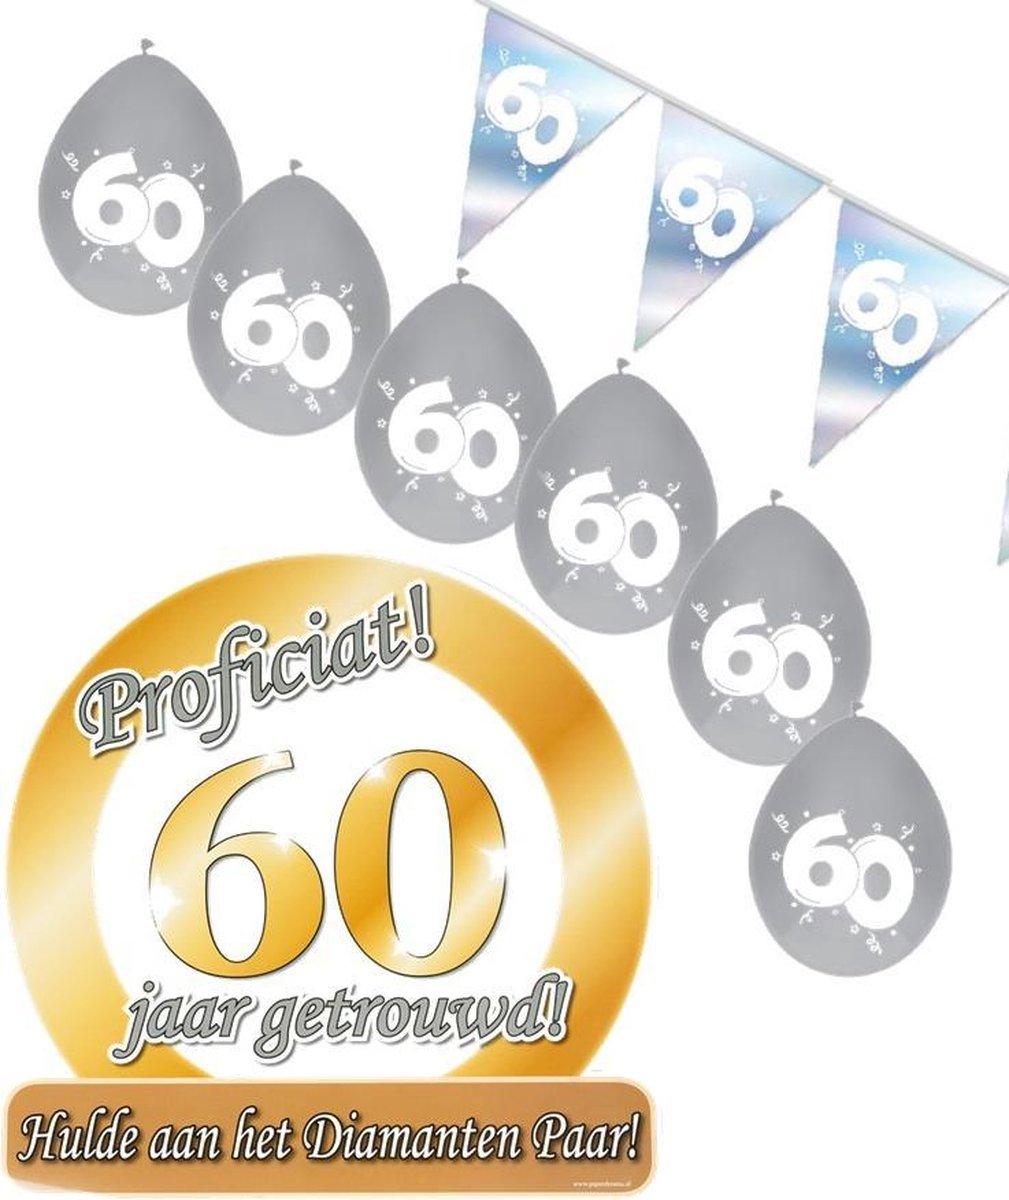 60 jaar getrouwd S – Jubileum pakket feestversiering – feestartikelen Diamanten bruiloft – voor kleine woonkamer